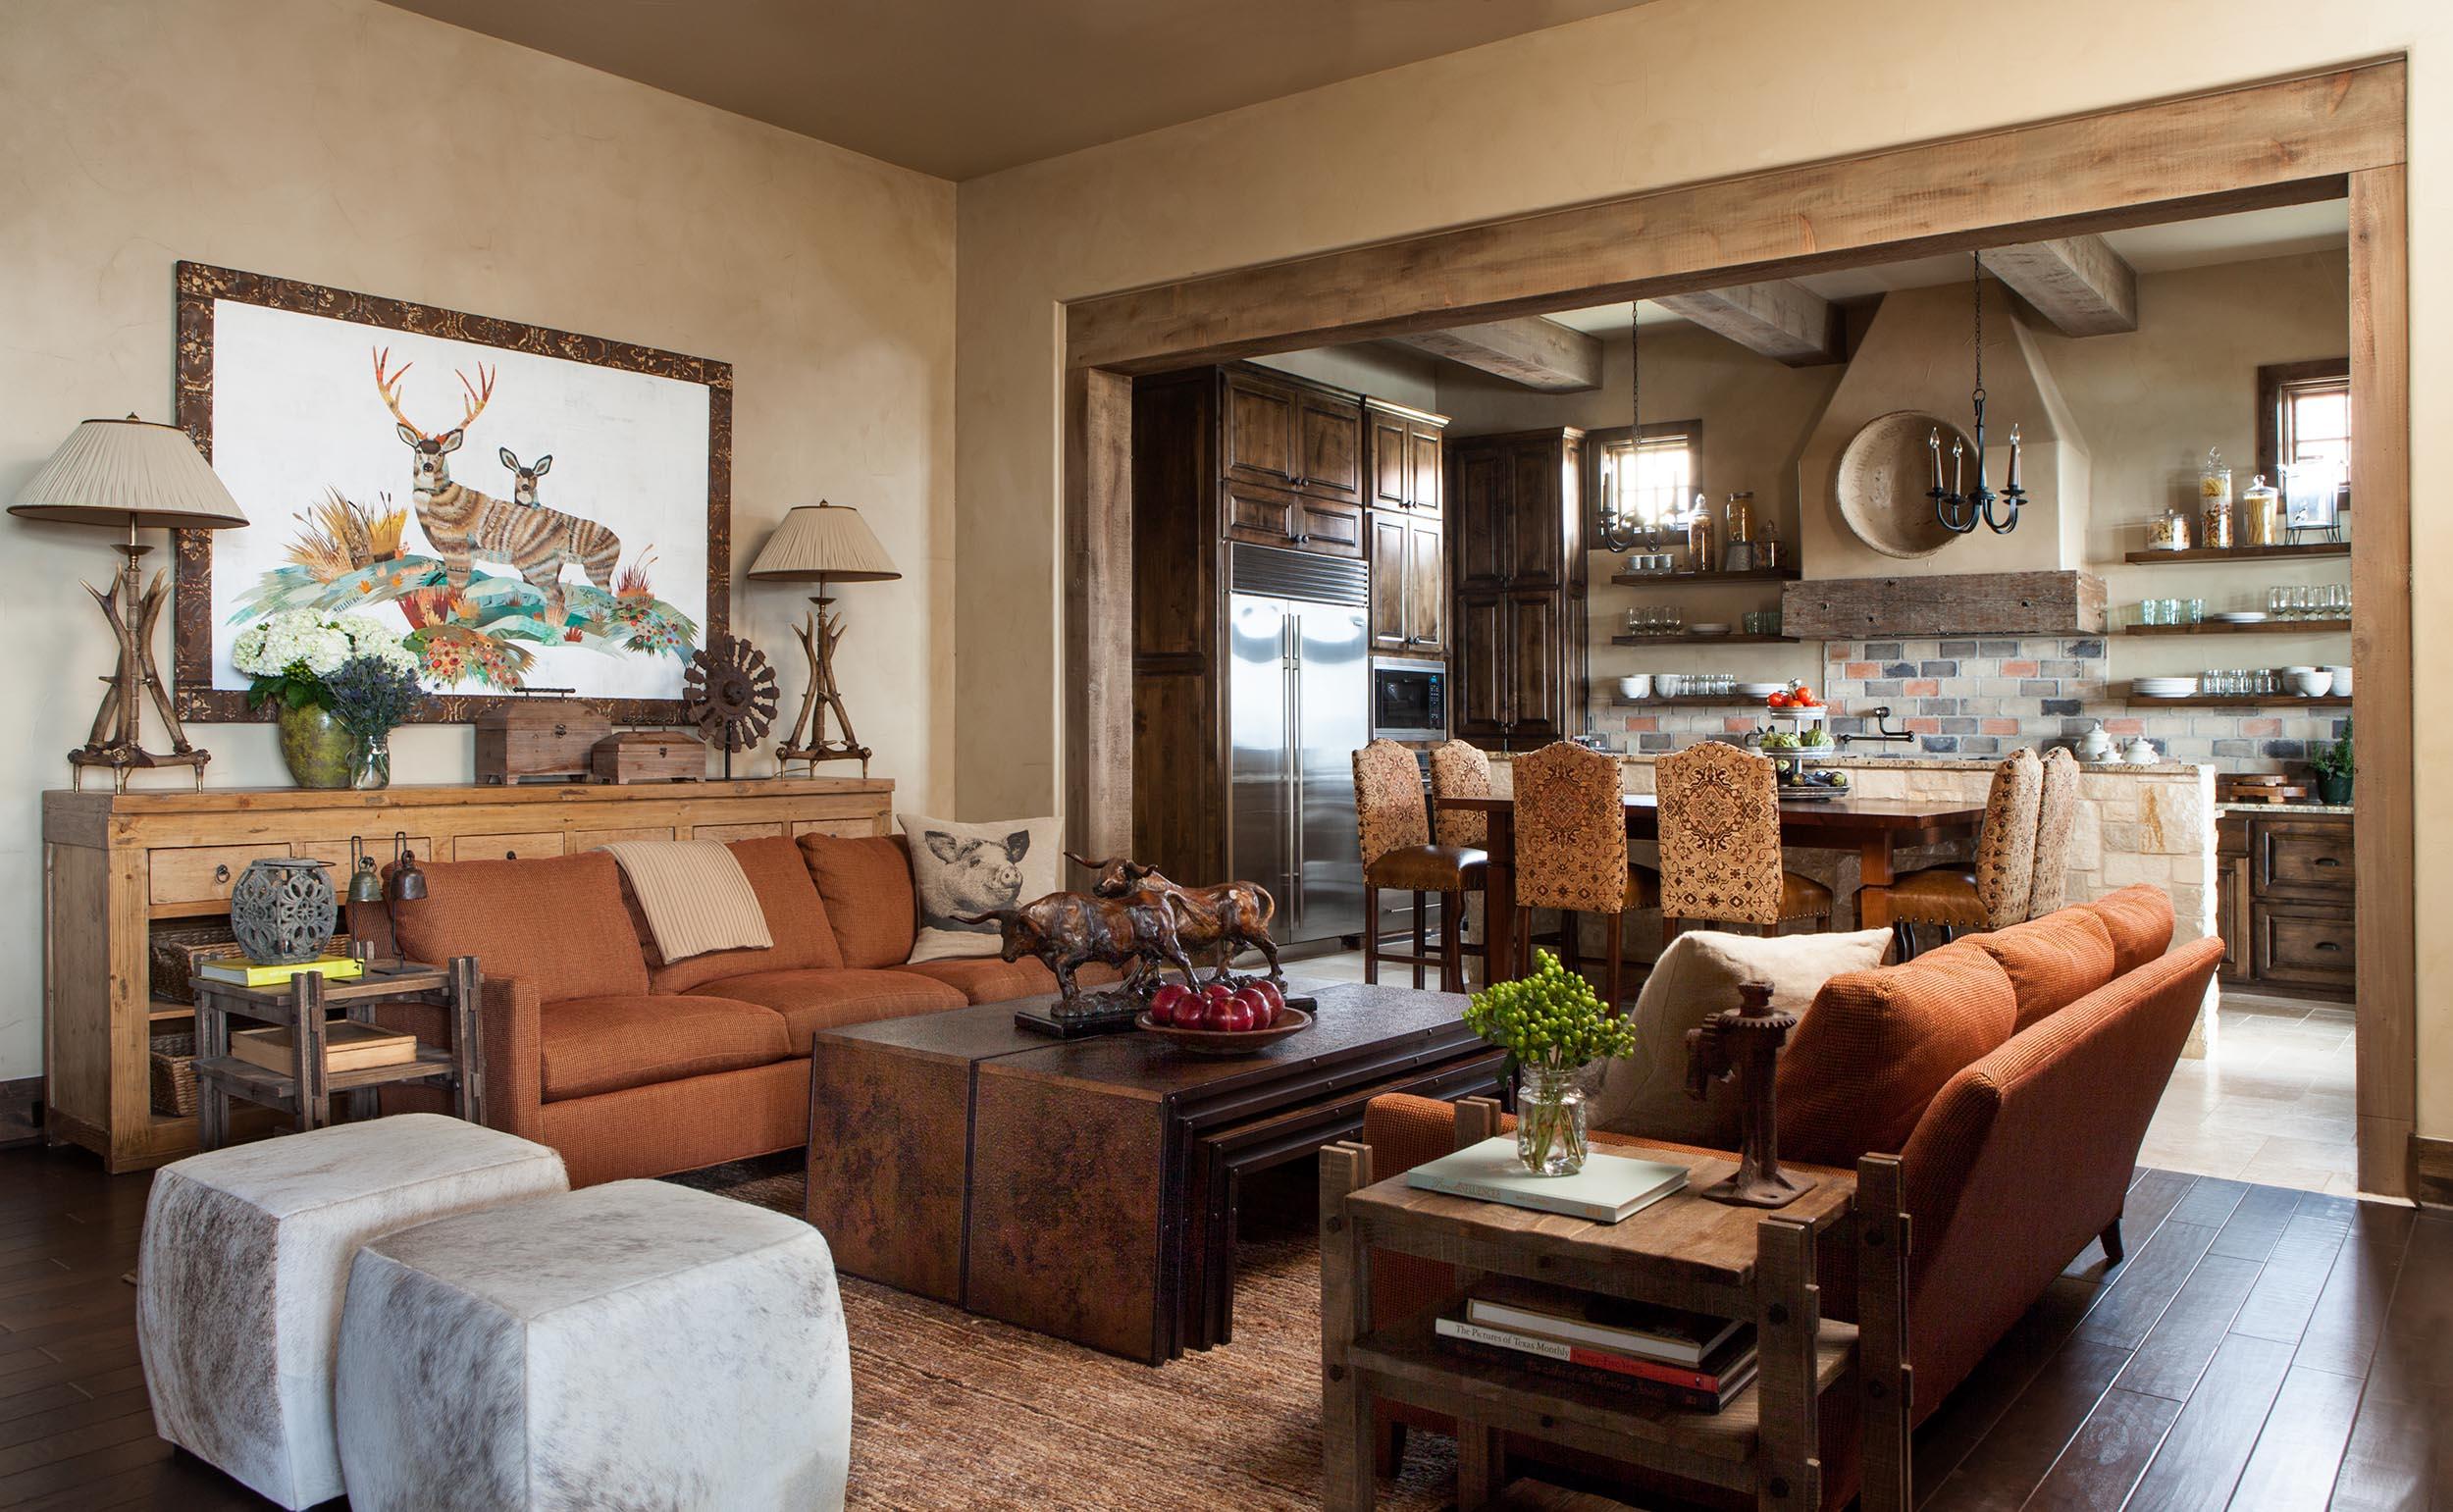 austin-house-family-room-interior-design.jpg